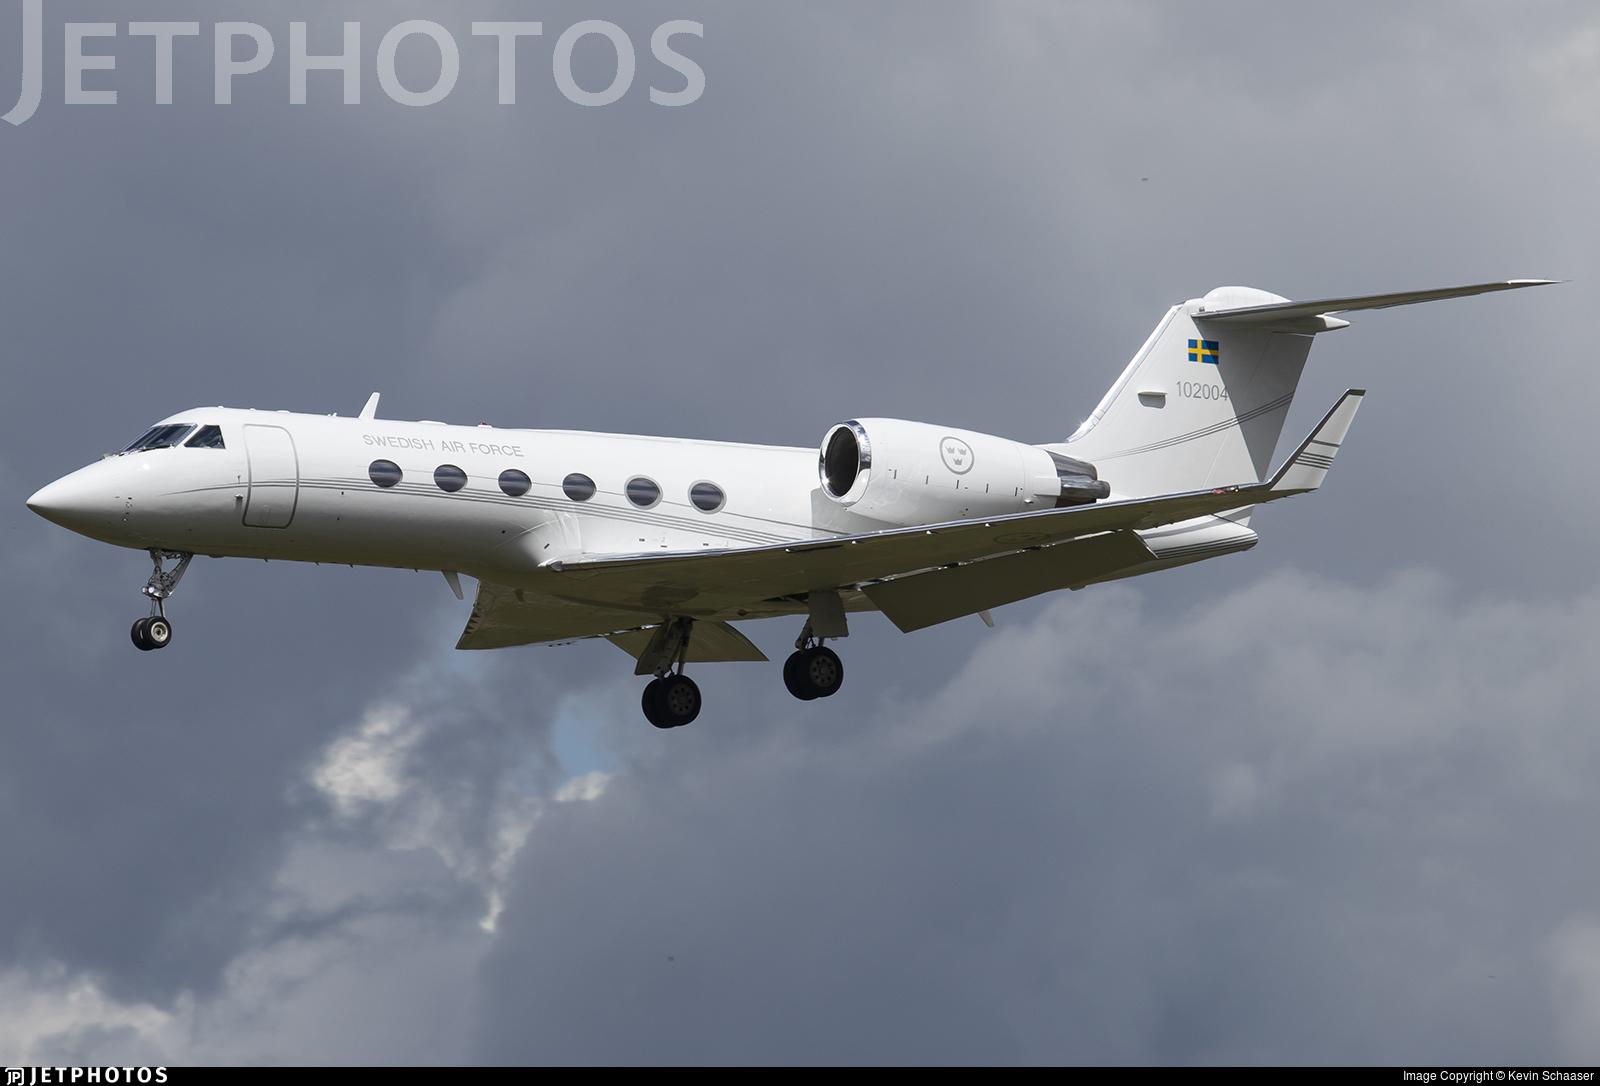 102004 - Gulfstream Tp102C - Sweden - Air Force